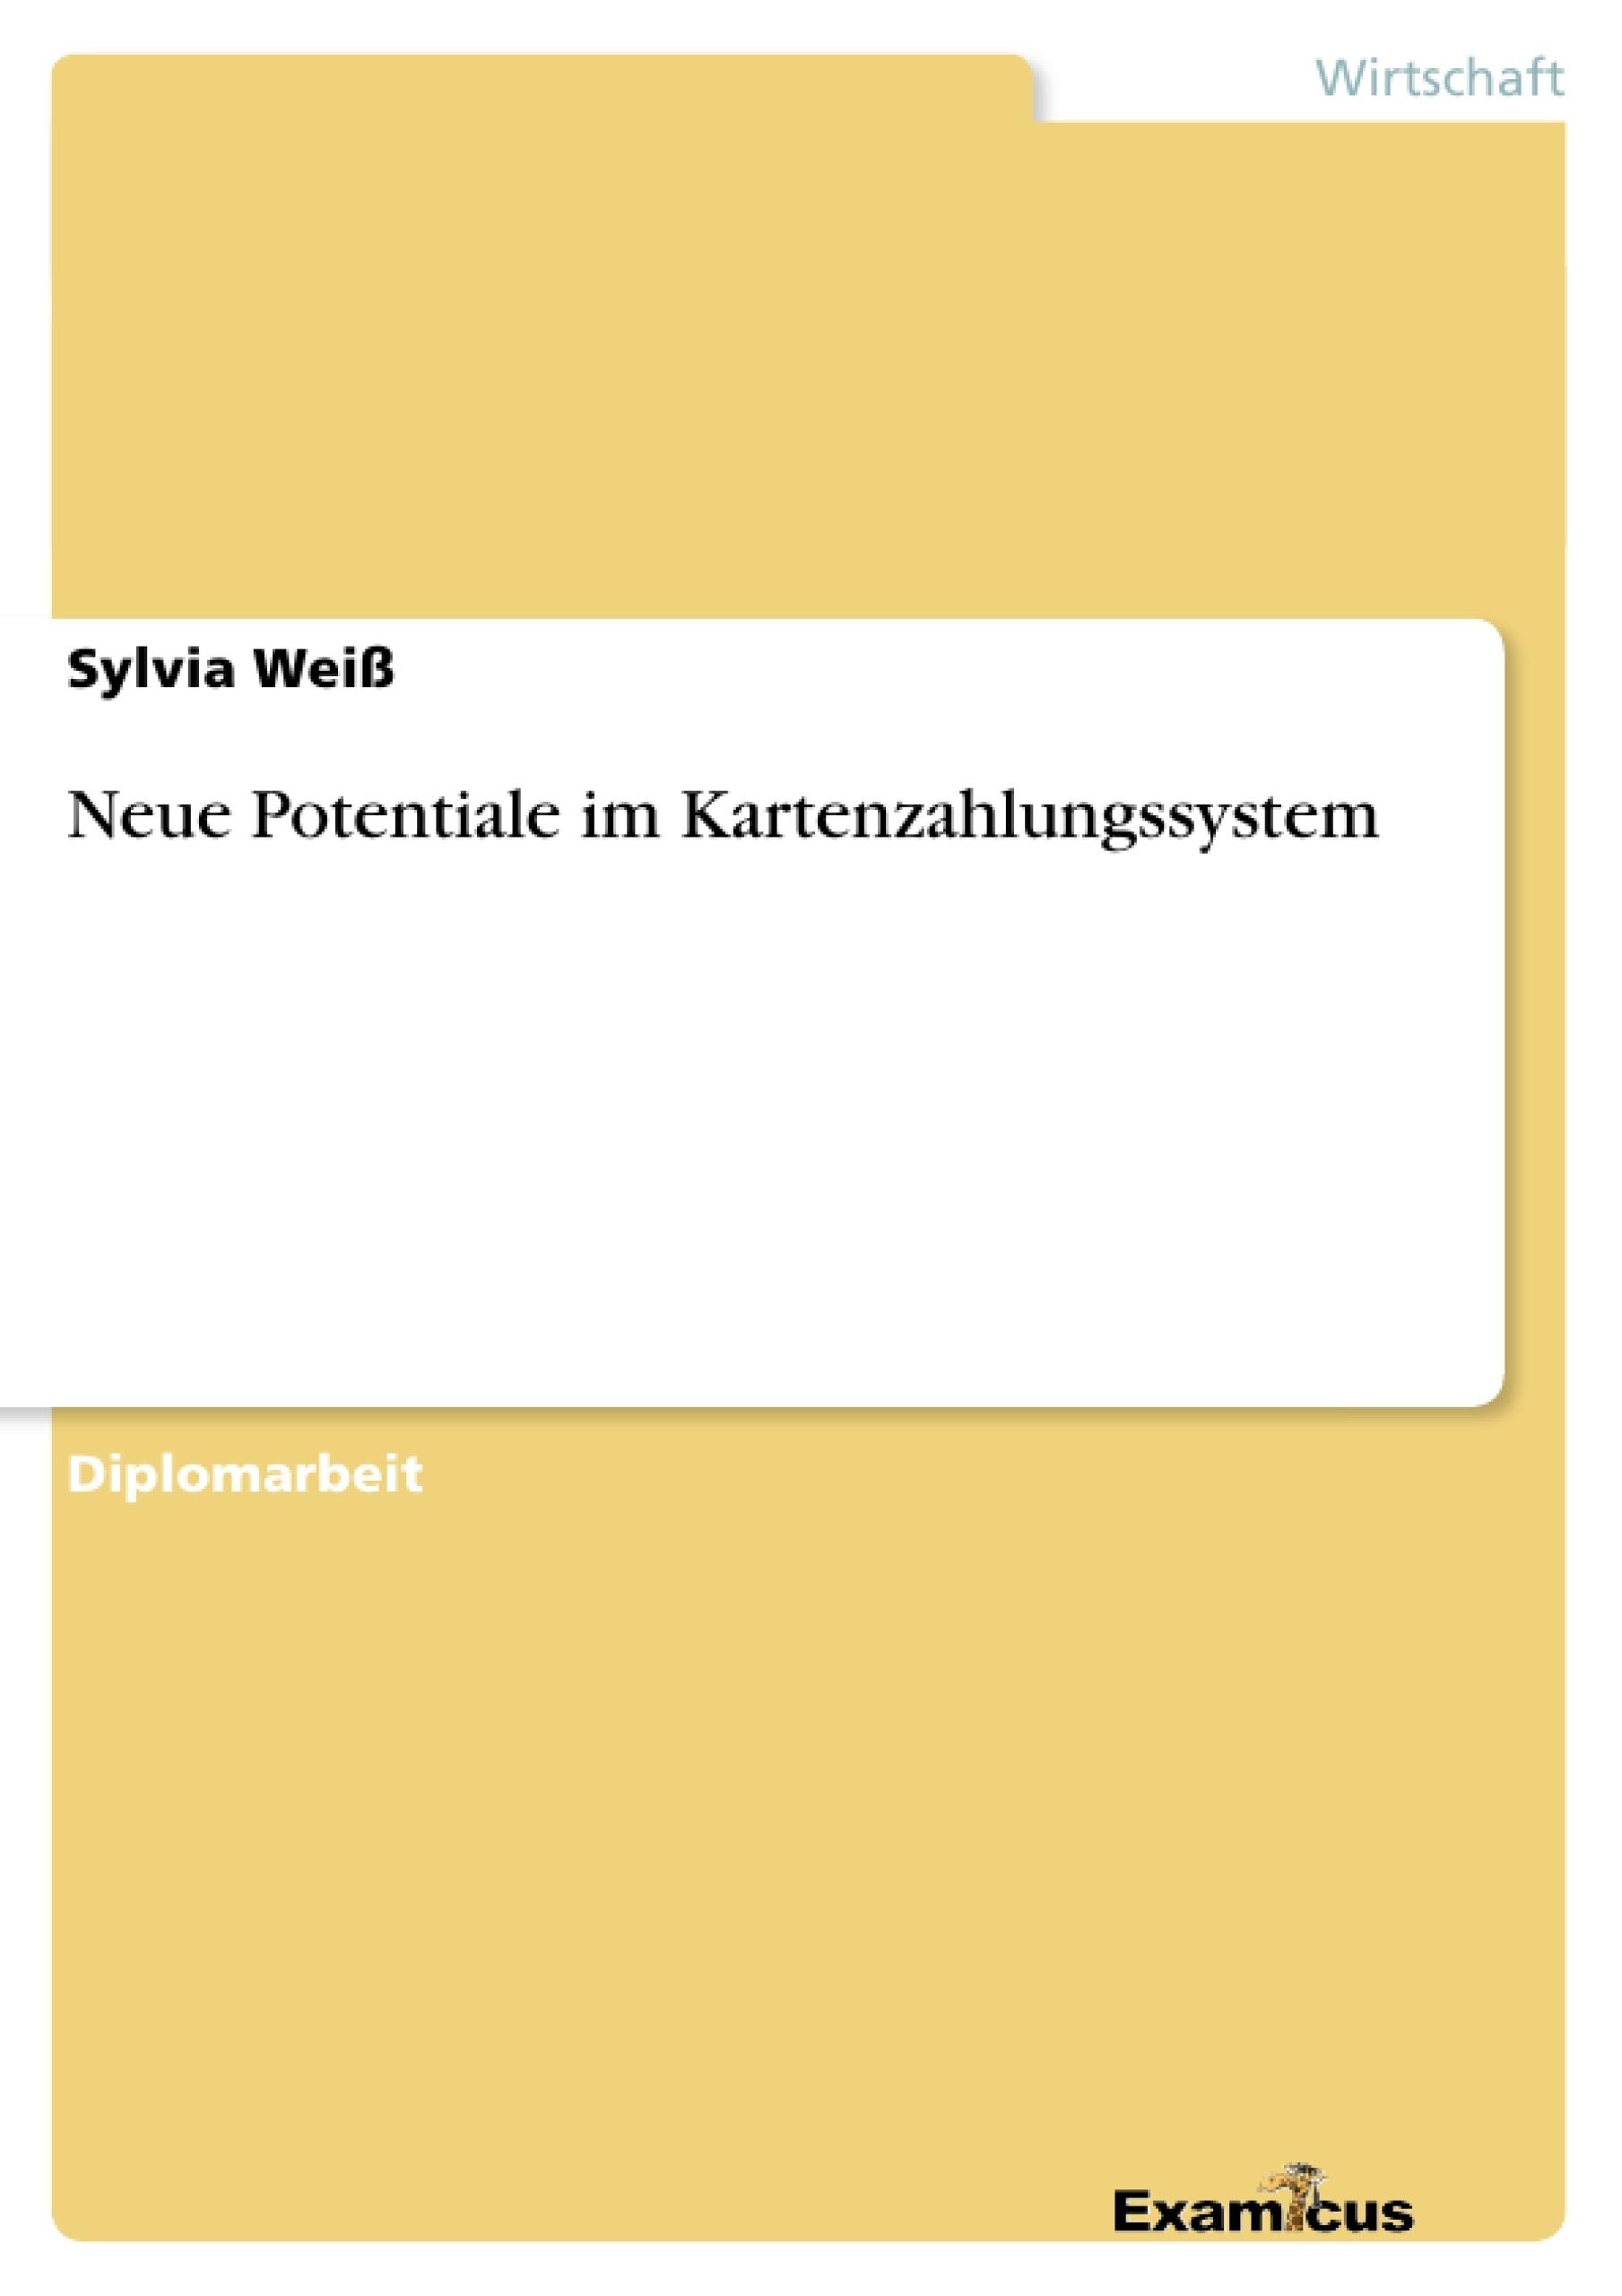 Neue Potentiale im Kartenzahlungssystem   Masterarbeit, Hausarbeit ...